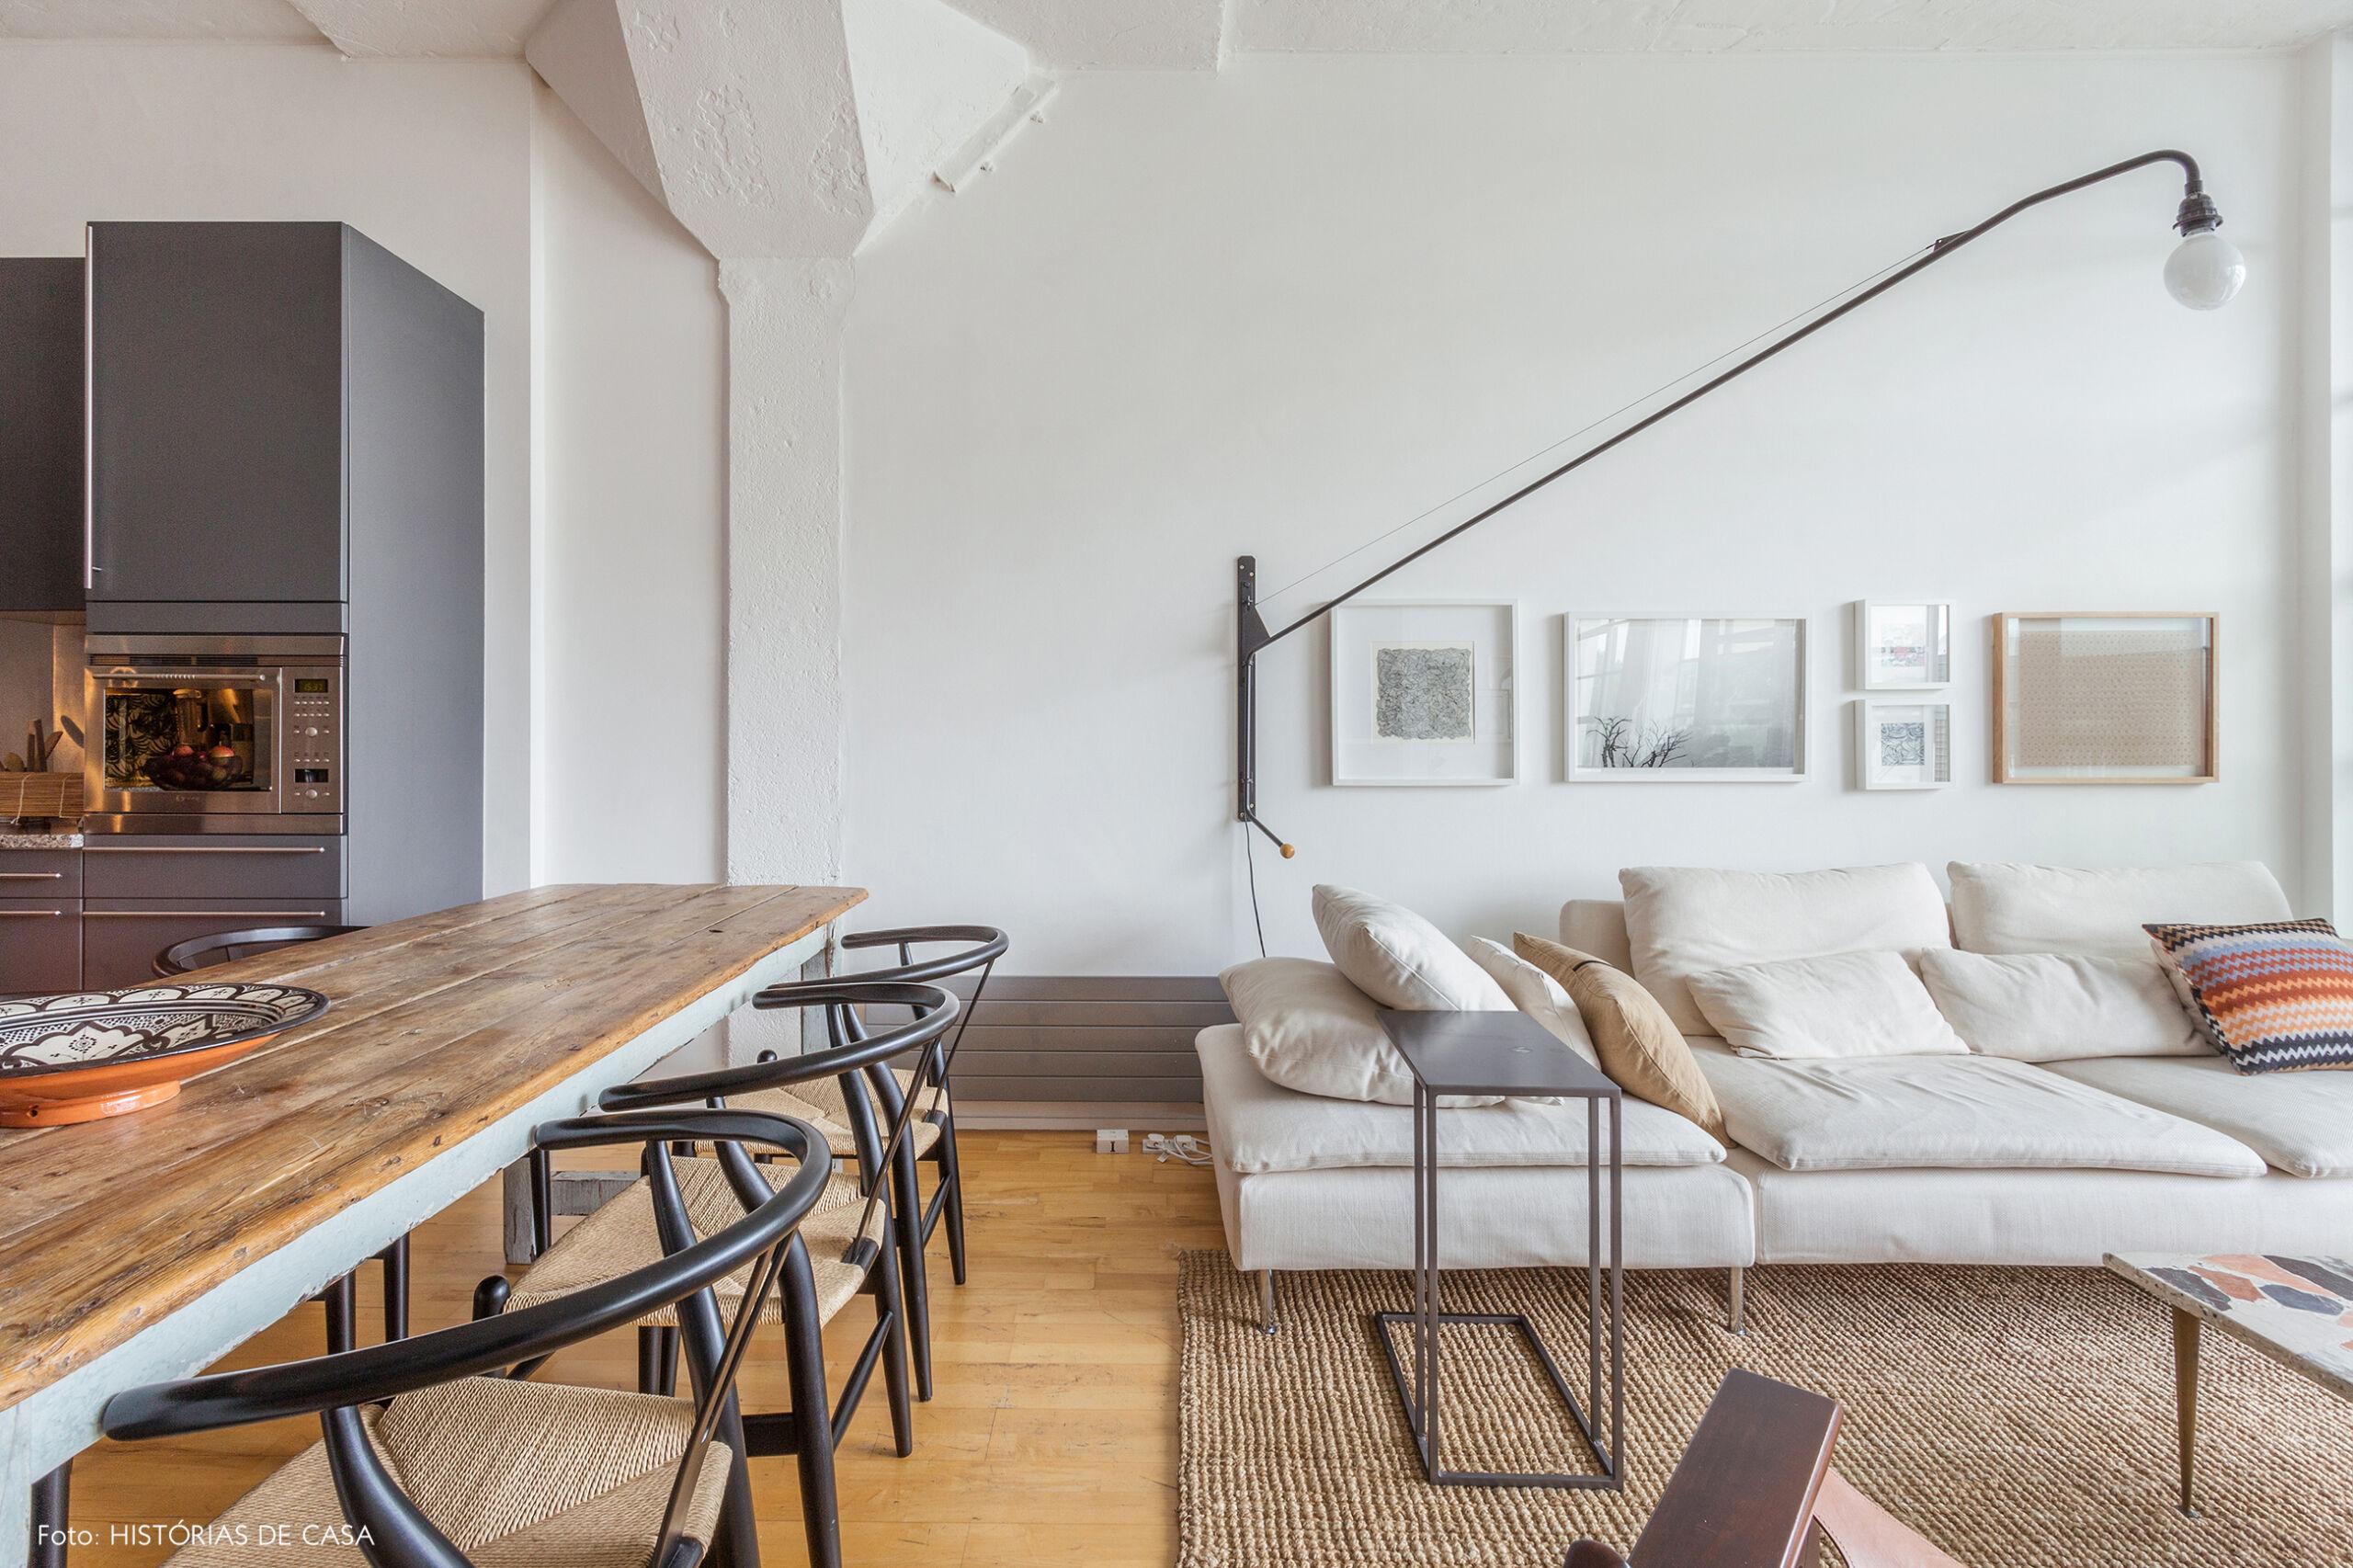 Sala integrada com sofá neutro desenho contemporâneo